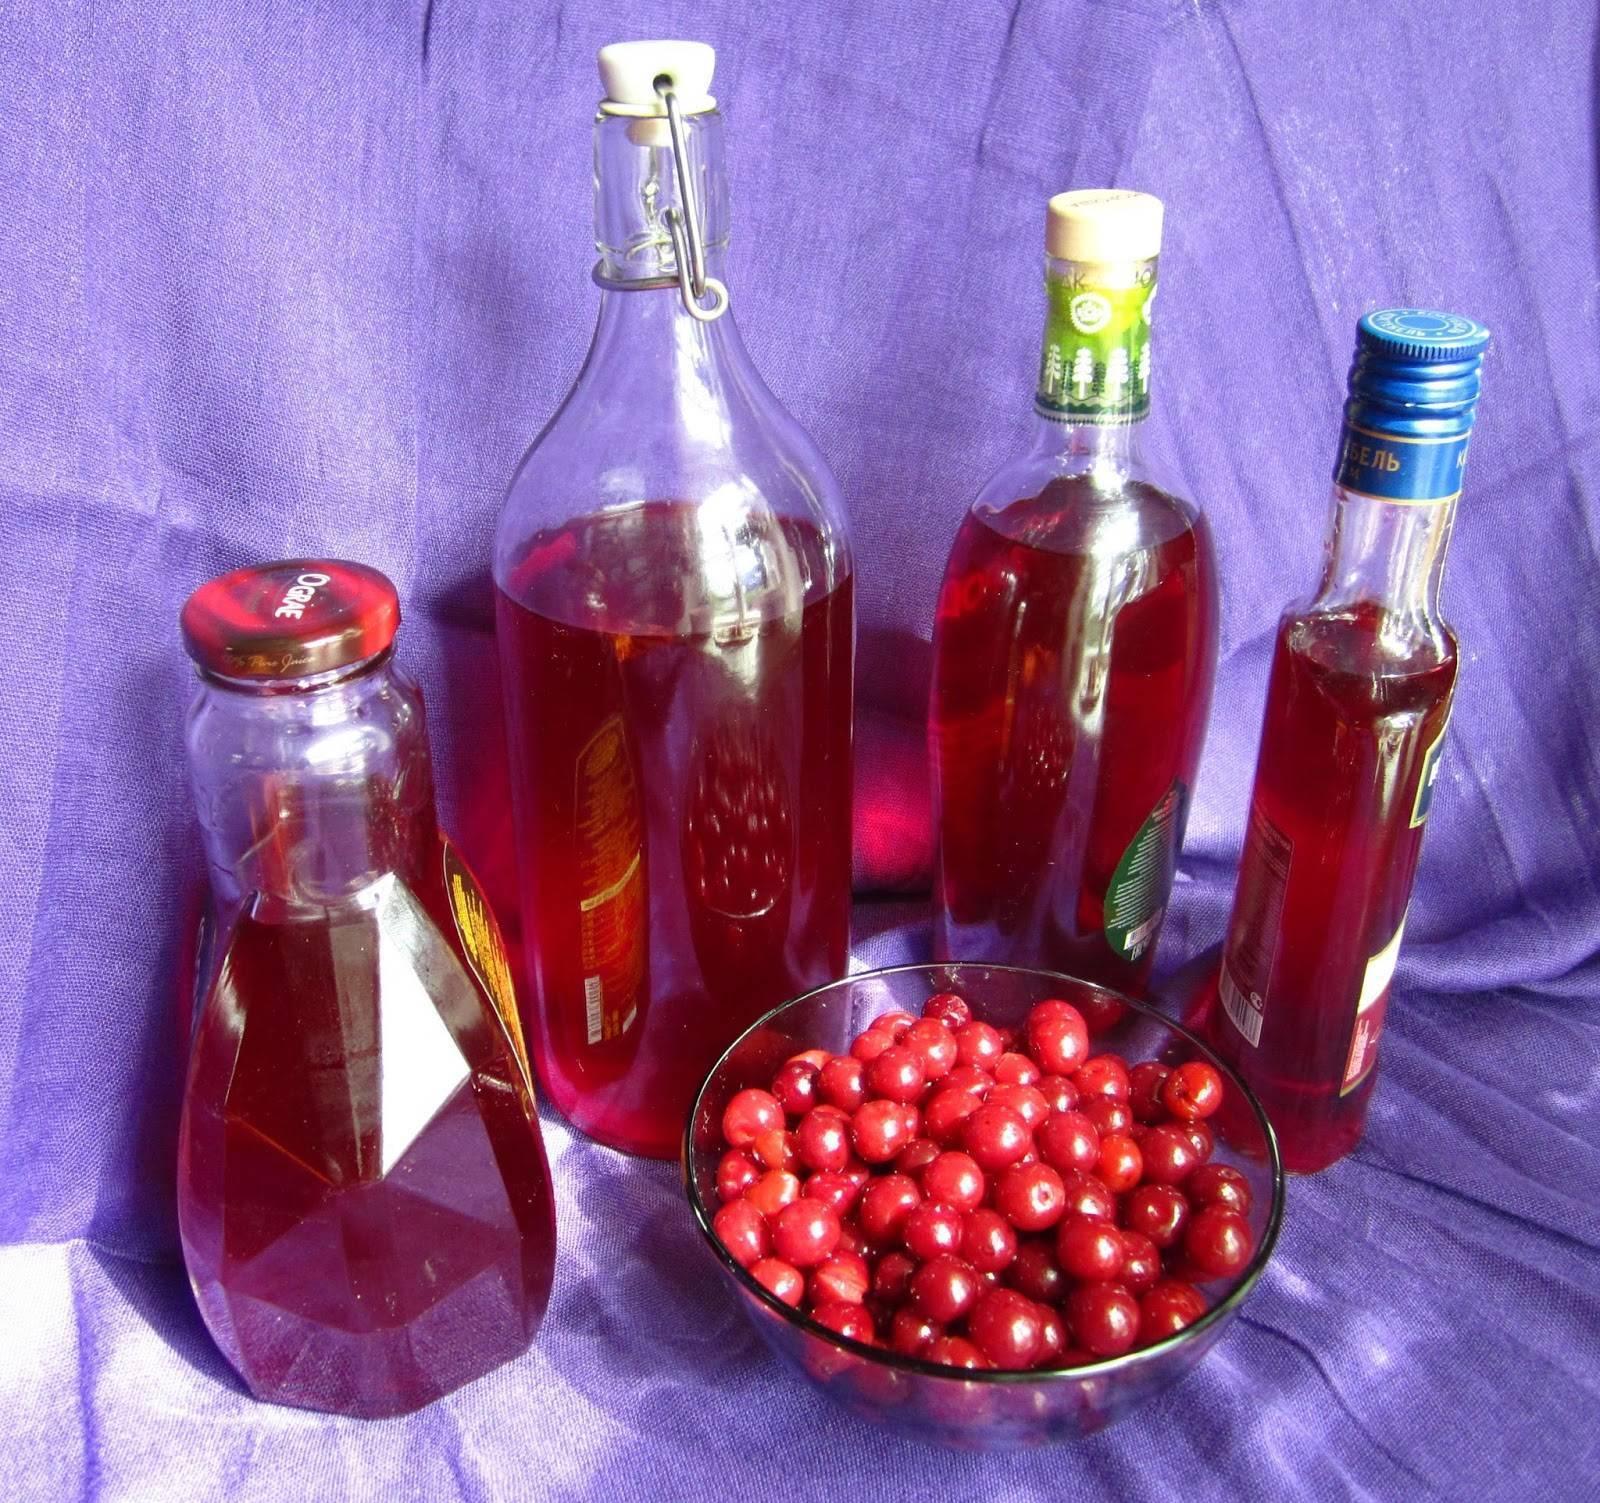 Как приготовить вишневый ликер в домашних условиях: как правильно по рецептам сделать напиток из вишни